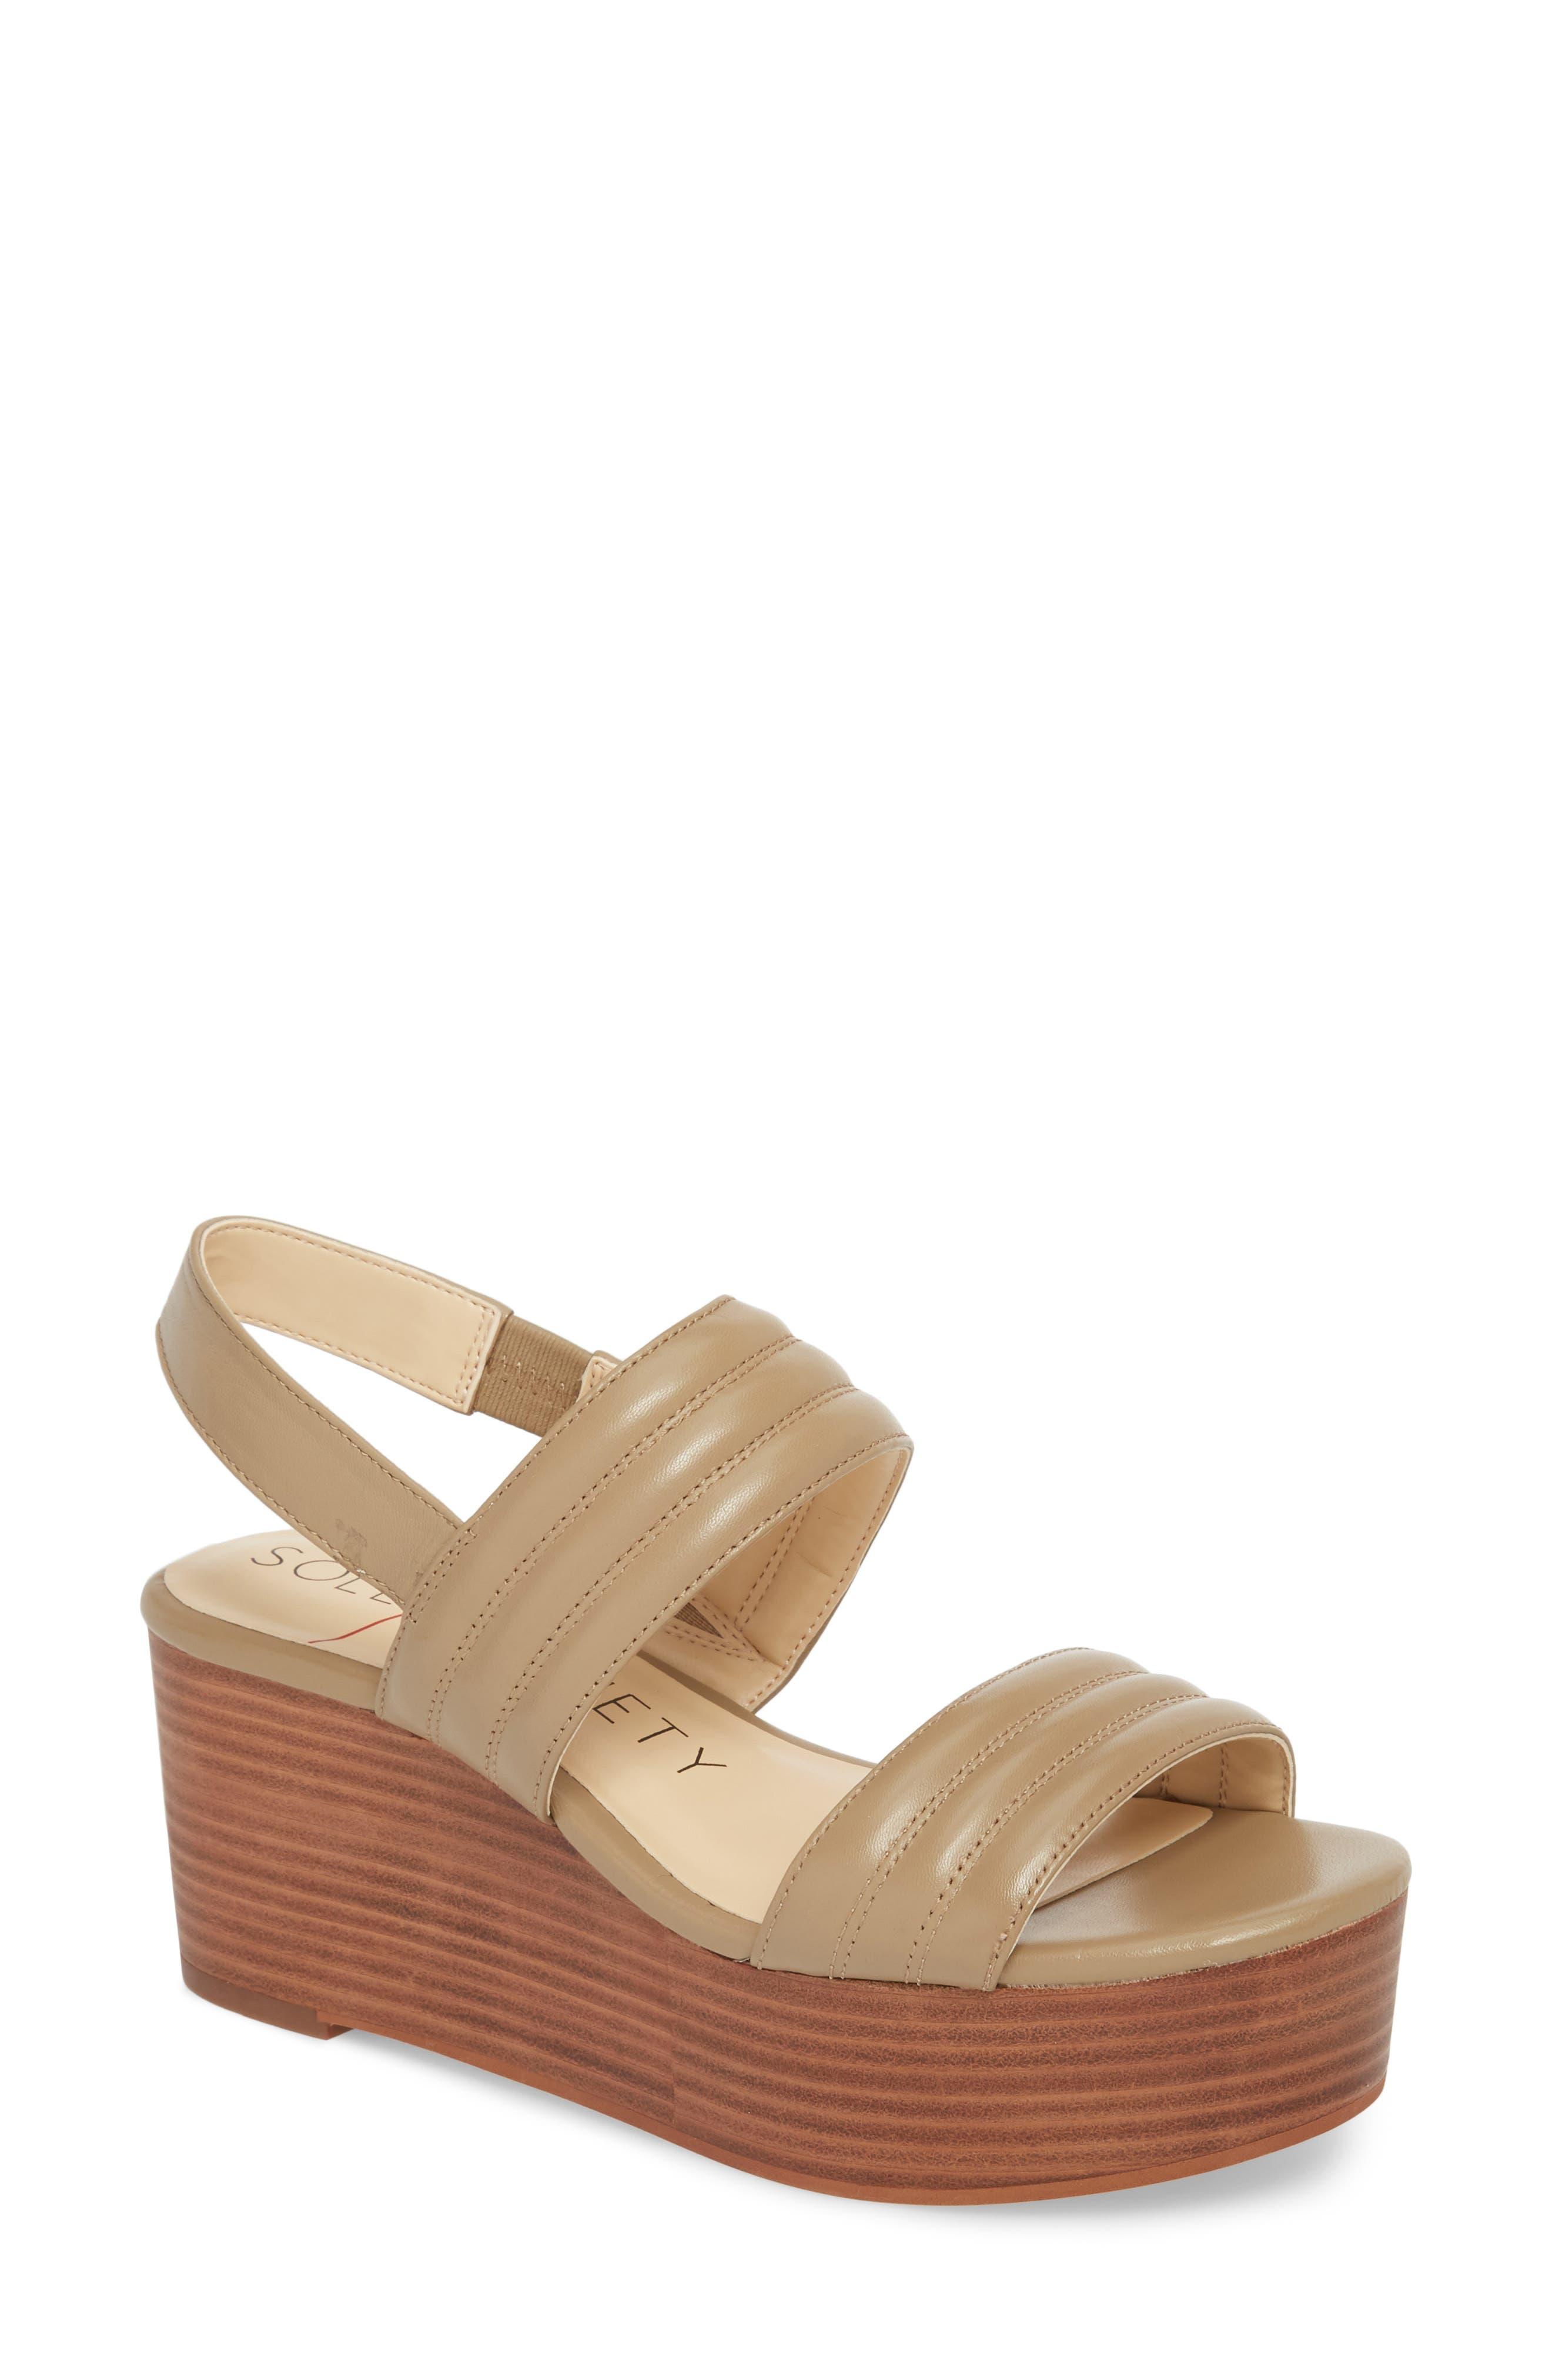 Amberly Platform Sandal,                             Main thumbnail 1, color,                             200